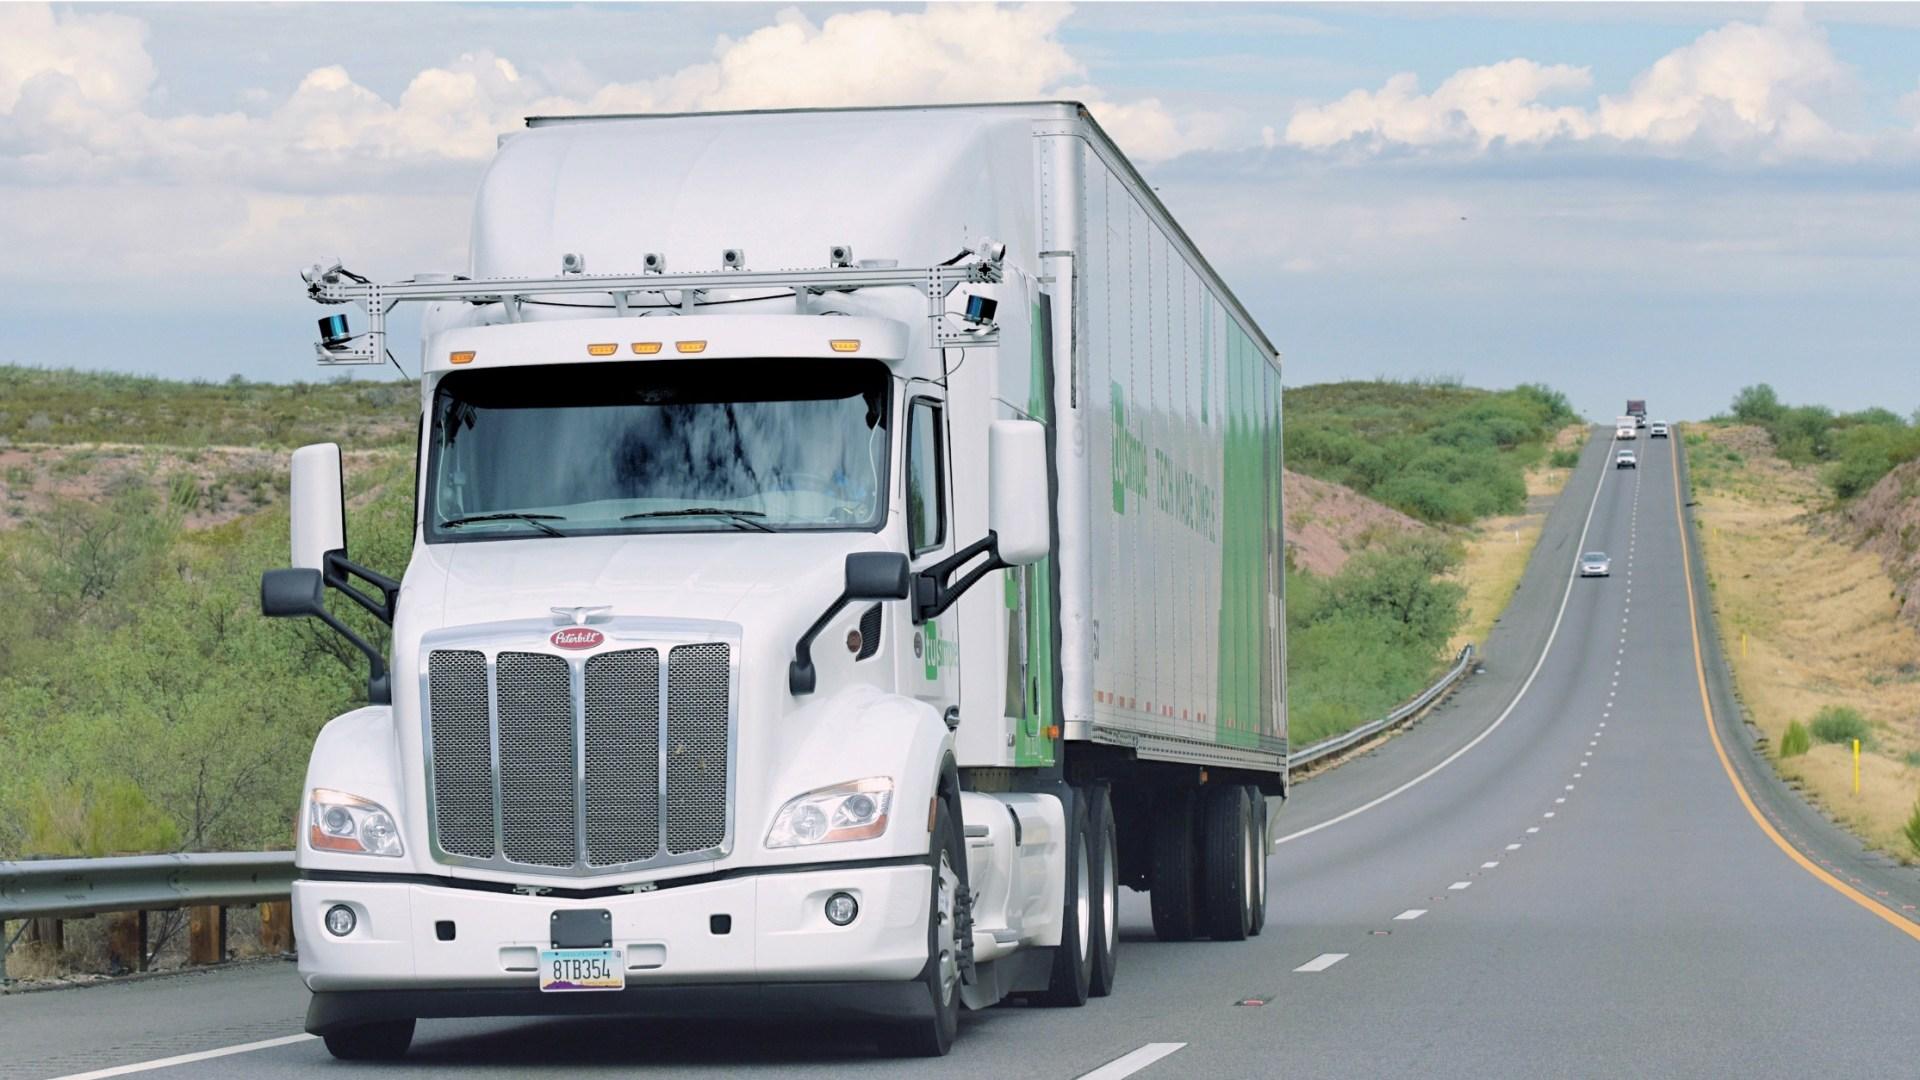 Driverless truck startup TuSimple raises $95 million at $1 billion valuation